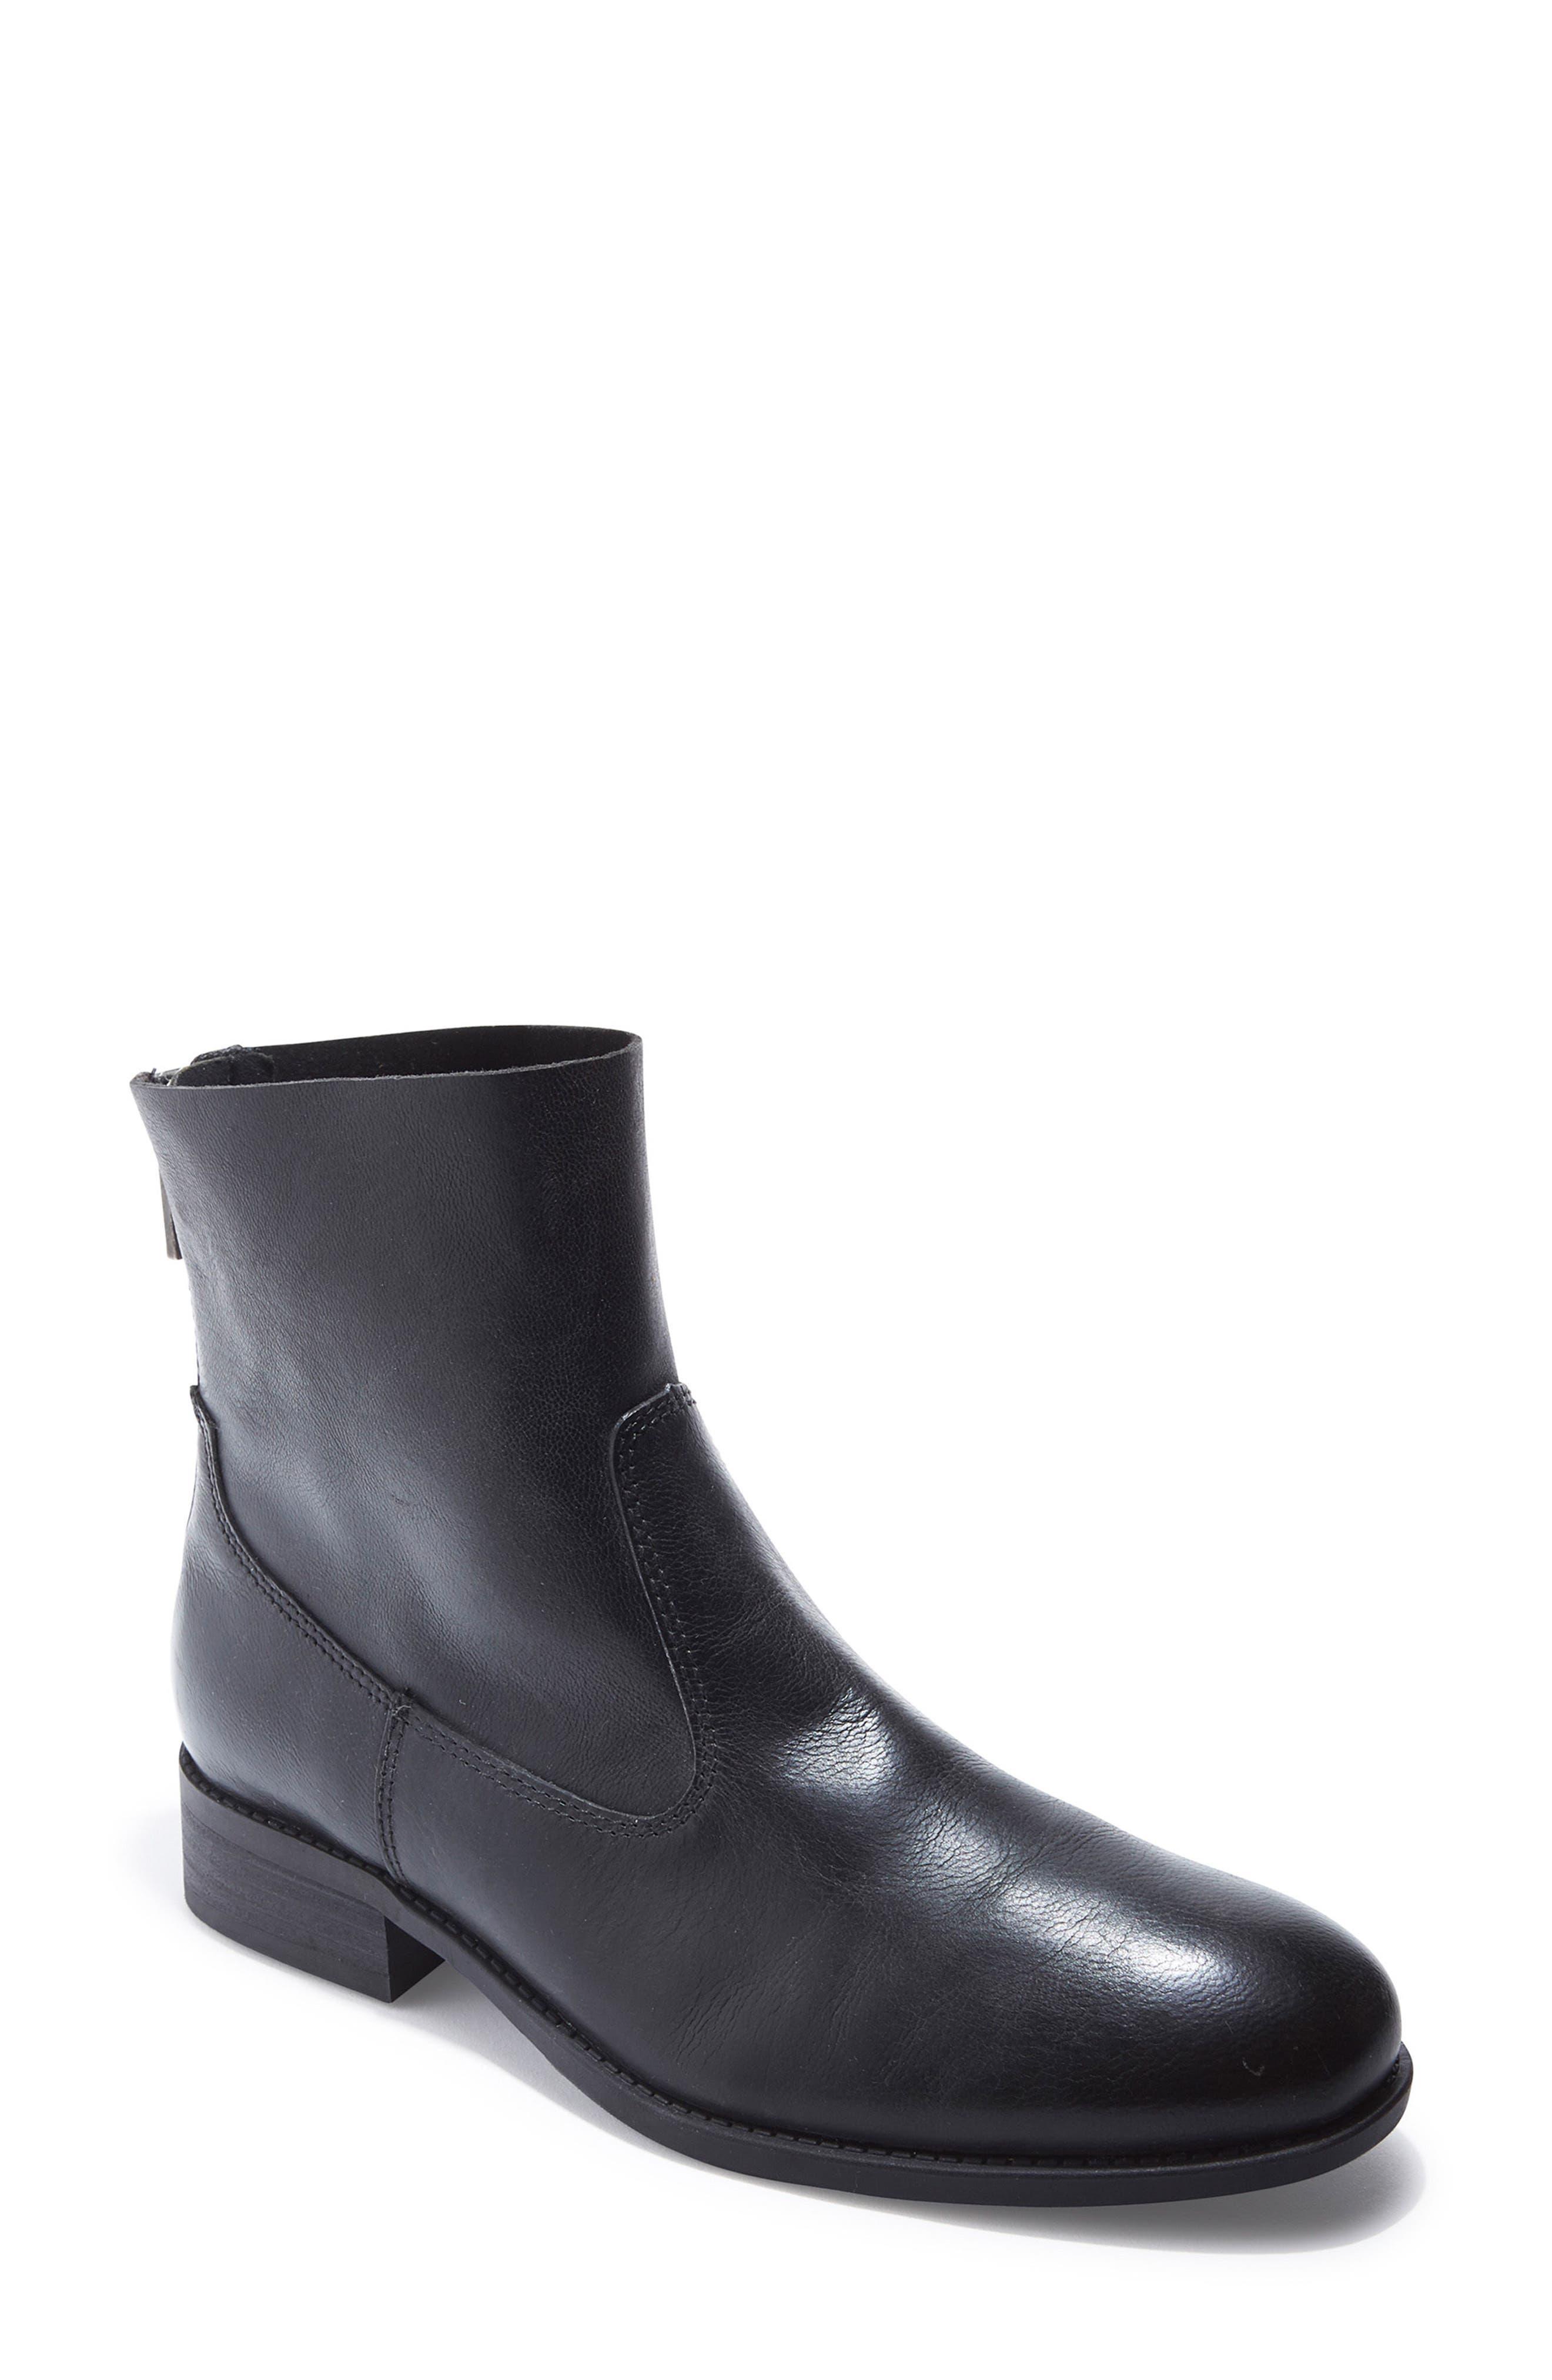 Logan Bootie,                             Main thumbnail 1, color,                             Black Leather